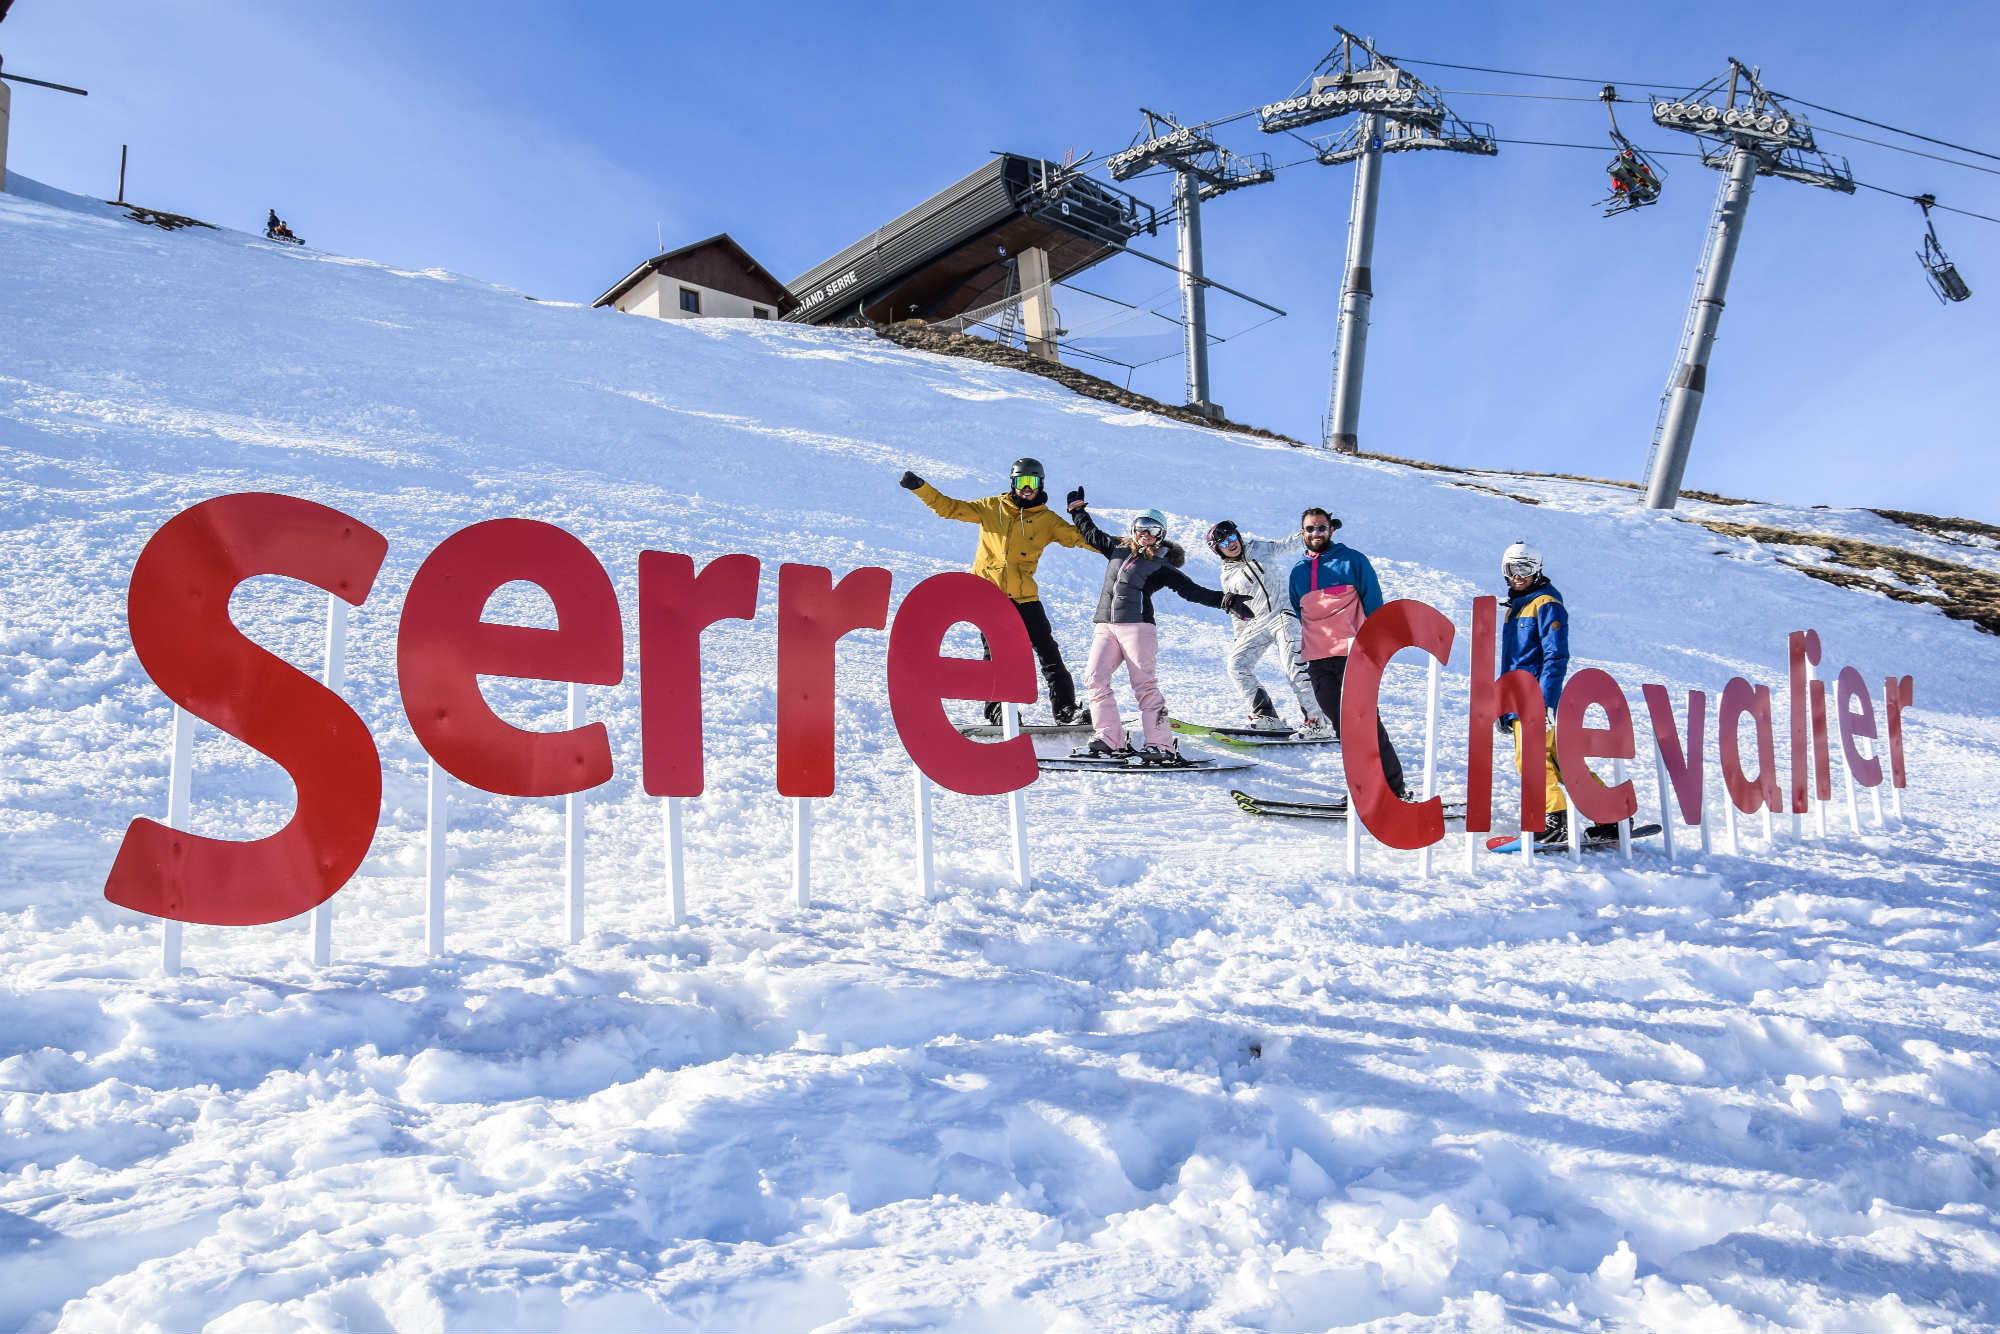 Un groupe d'amis pose dans la neige derrière les grandes lettres Serre Chevalier.